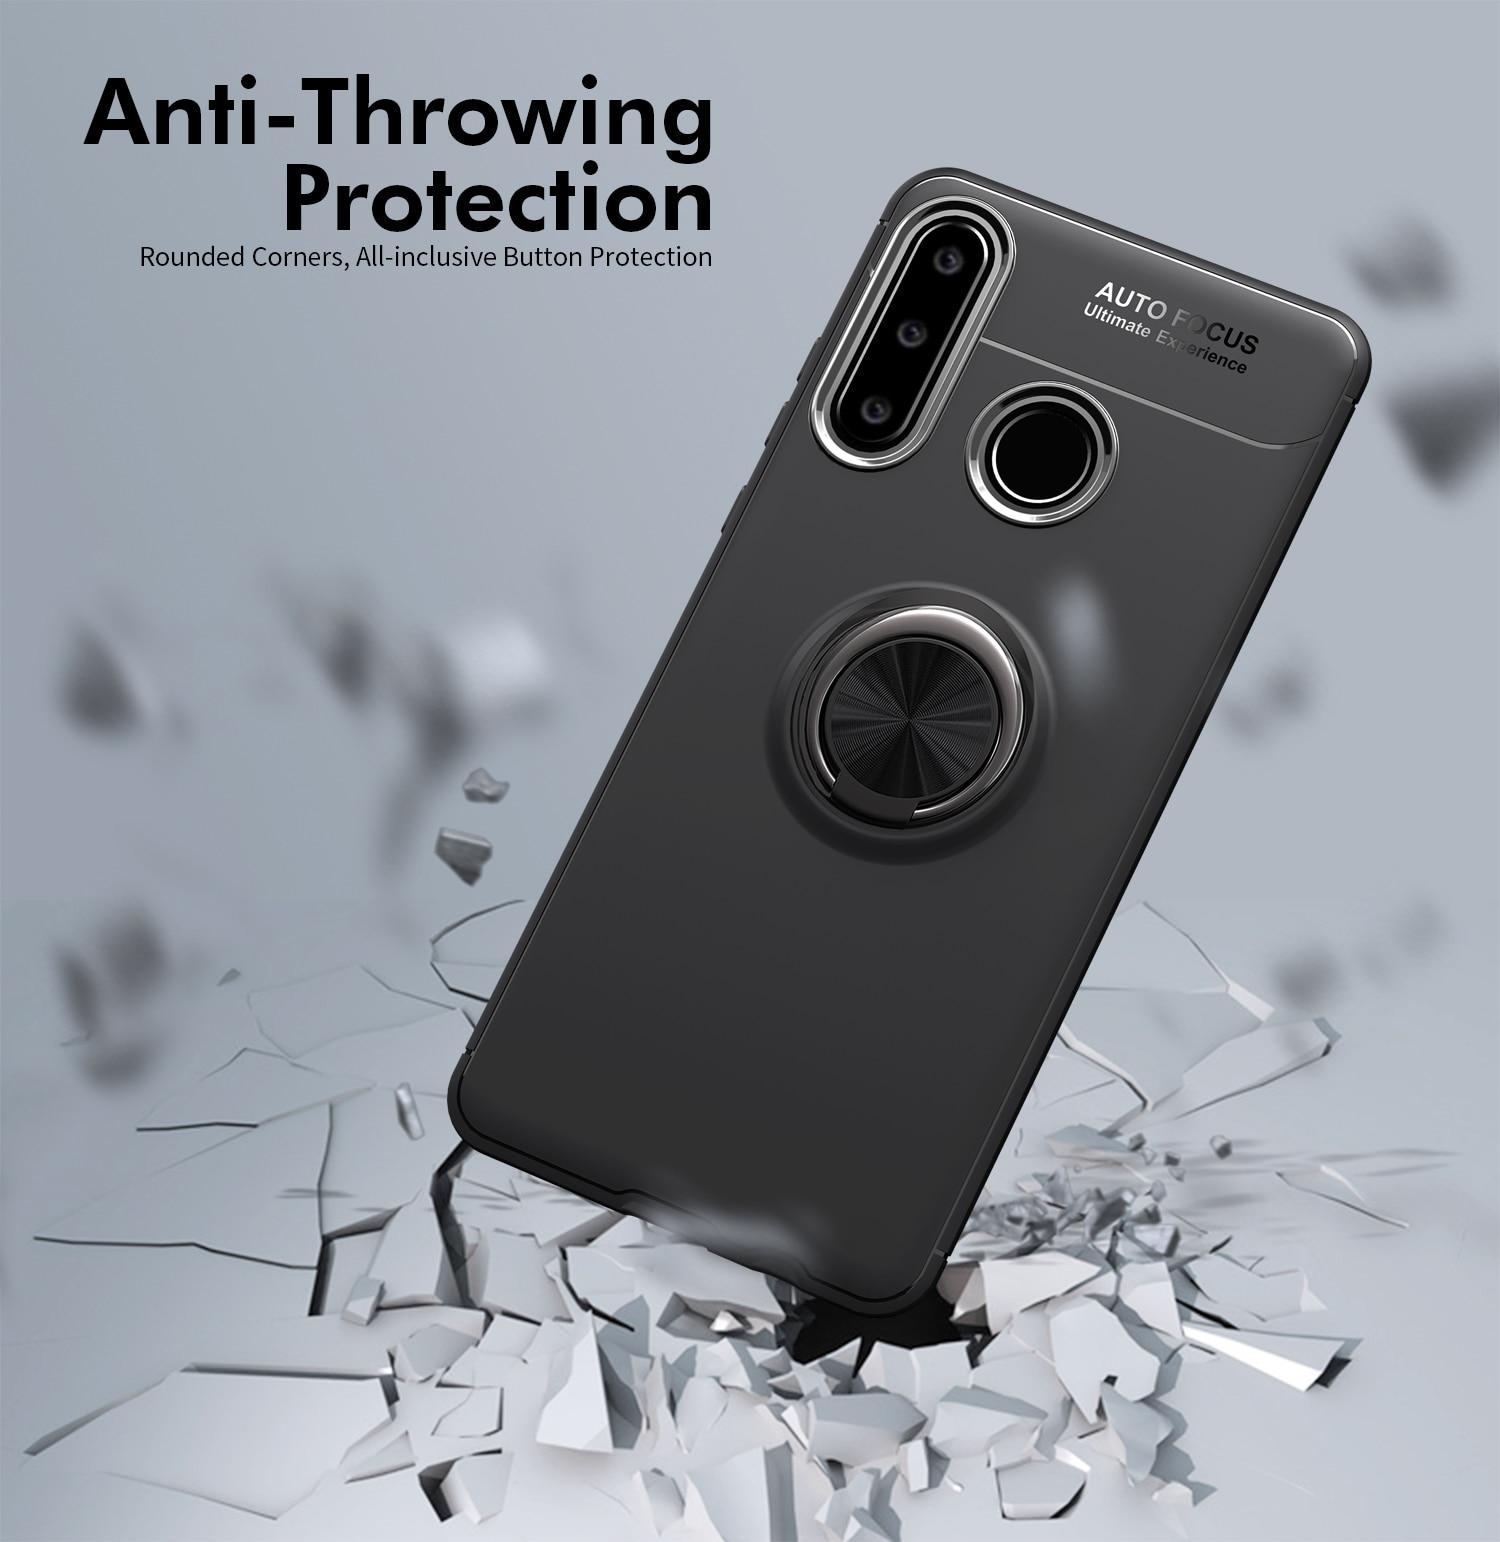 Capa de Silicone Para Samsung Galaxy A50s A30 A40 A60 A70 A20s M20 Casos Stand Caso Tampa Anel Para Samsung M31 M30s M21 UM 50 70 20